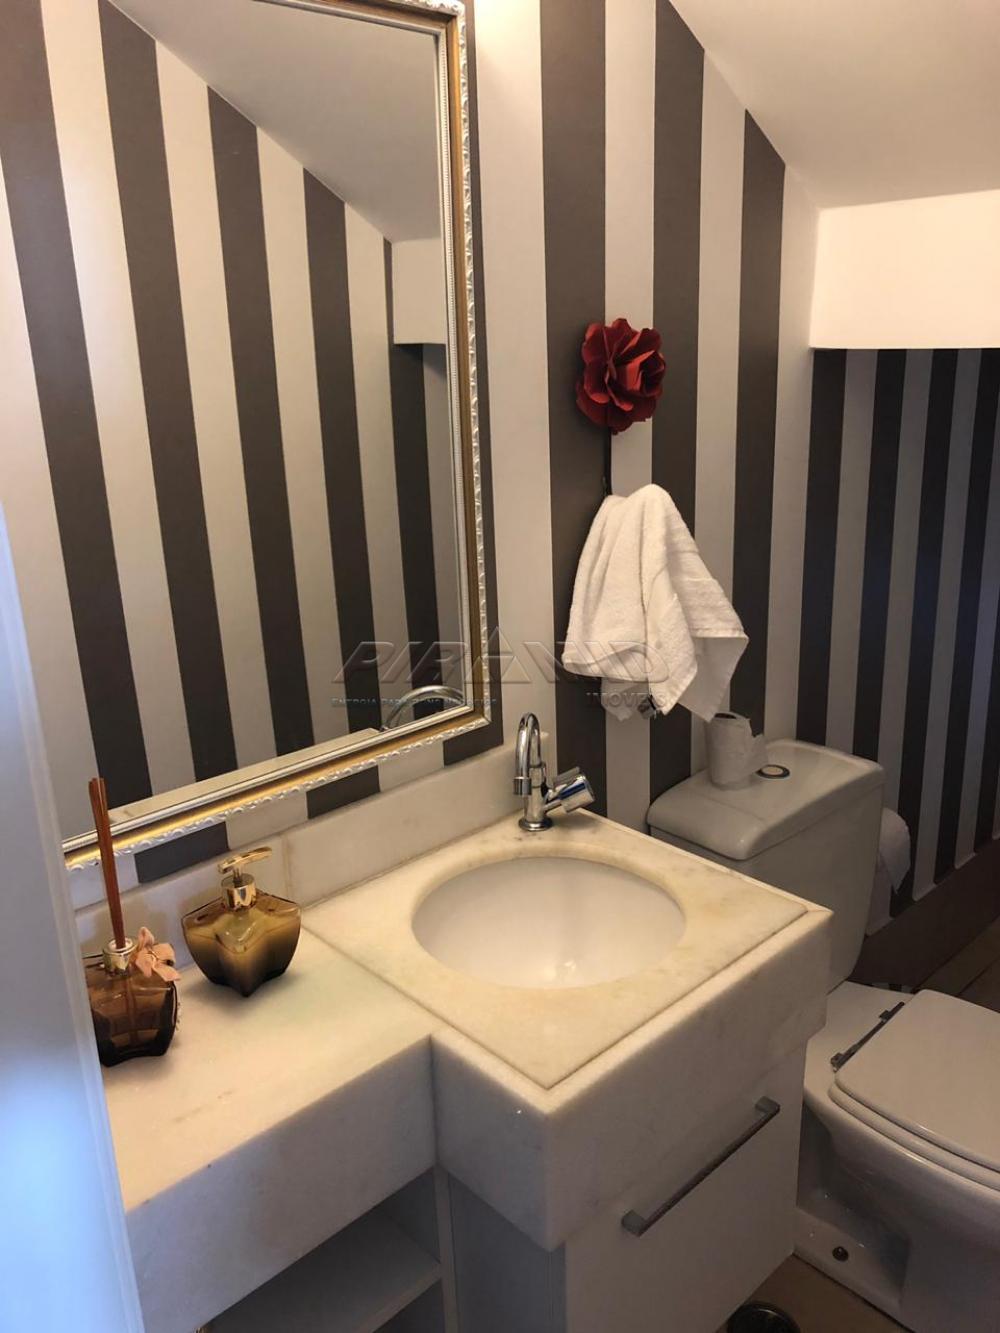 Comprar Casa / Condomínio em Ribeirão Preto apenas R$ 1.280.000,00 - Foto 9